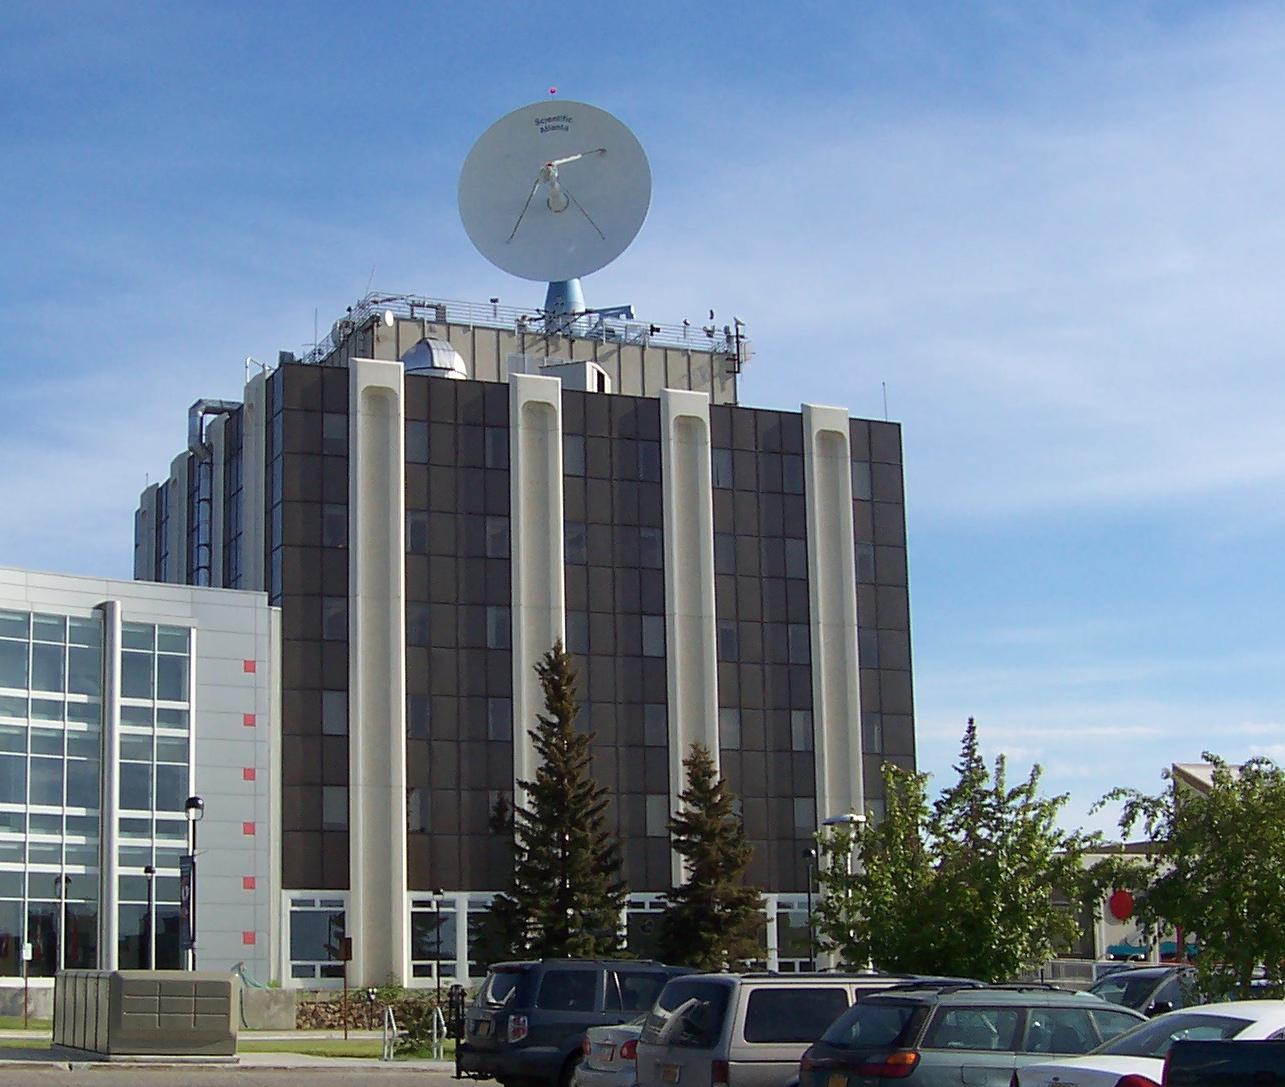 Geophysical Institute Wikipedia